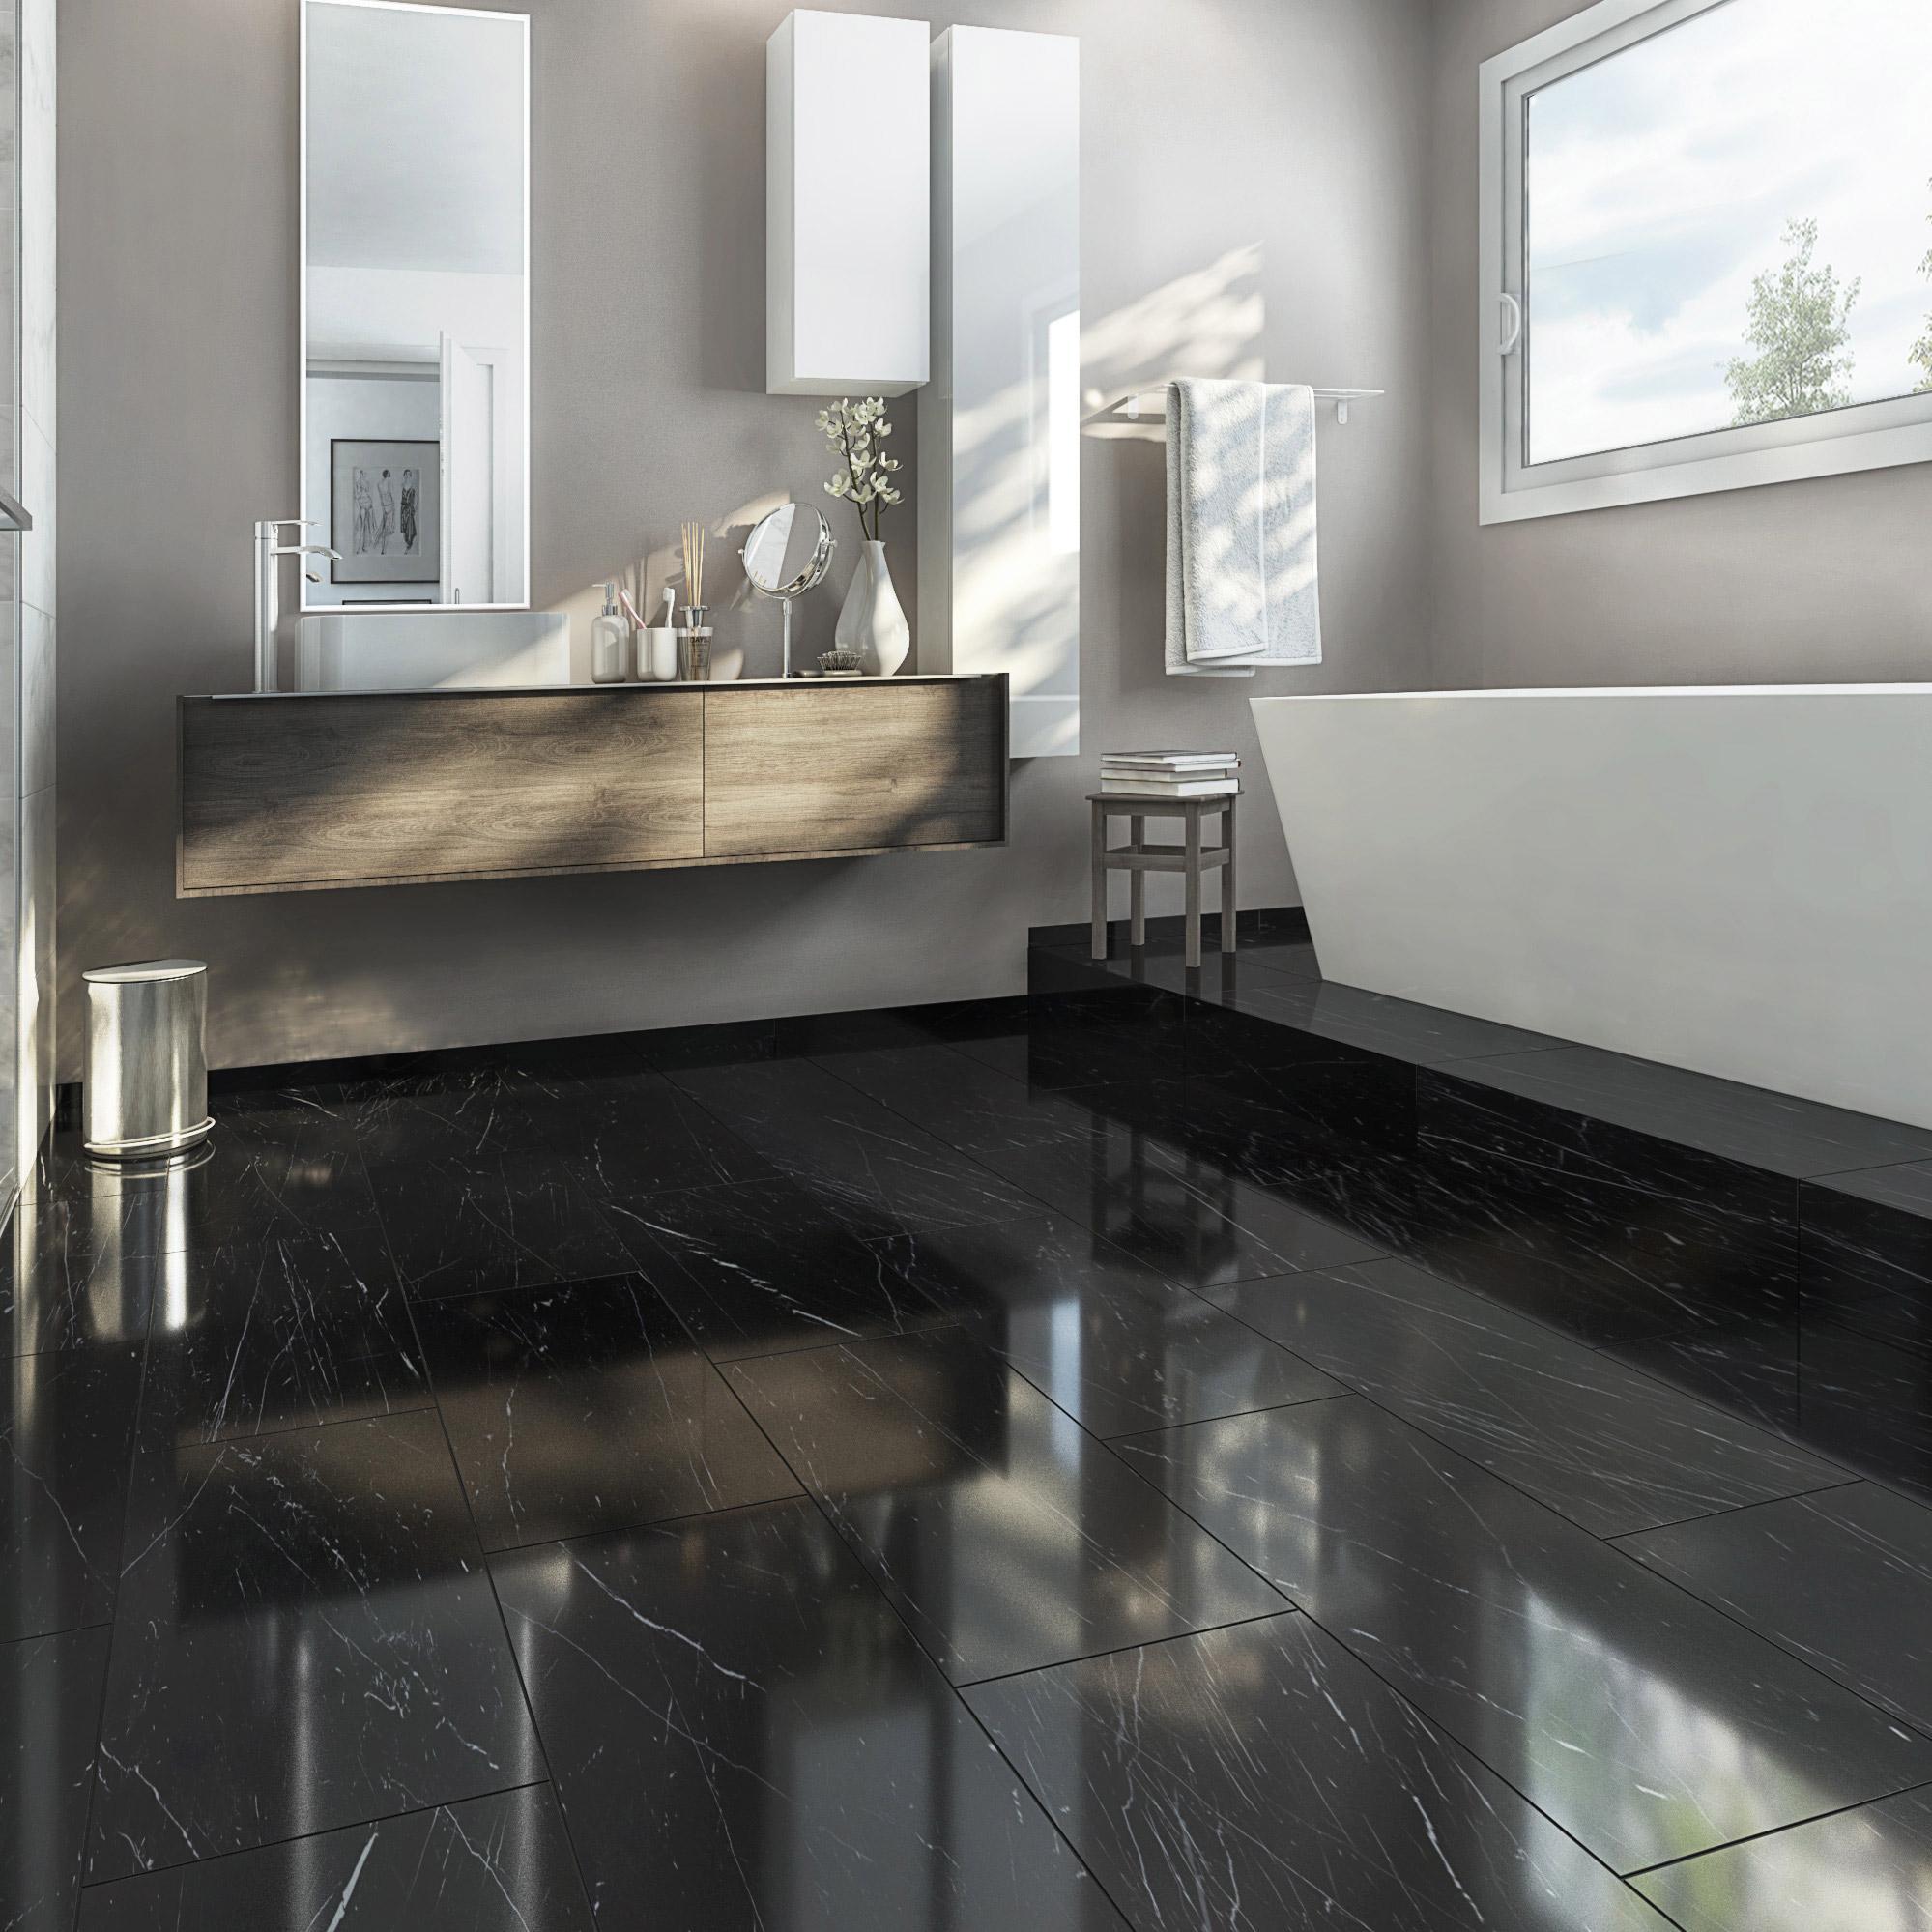 Carrelage sol et mur noir effet marbre Rimini l.30 x L.60 cm